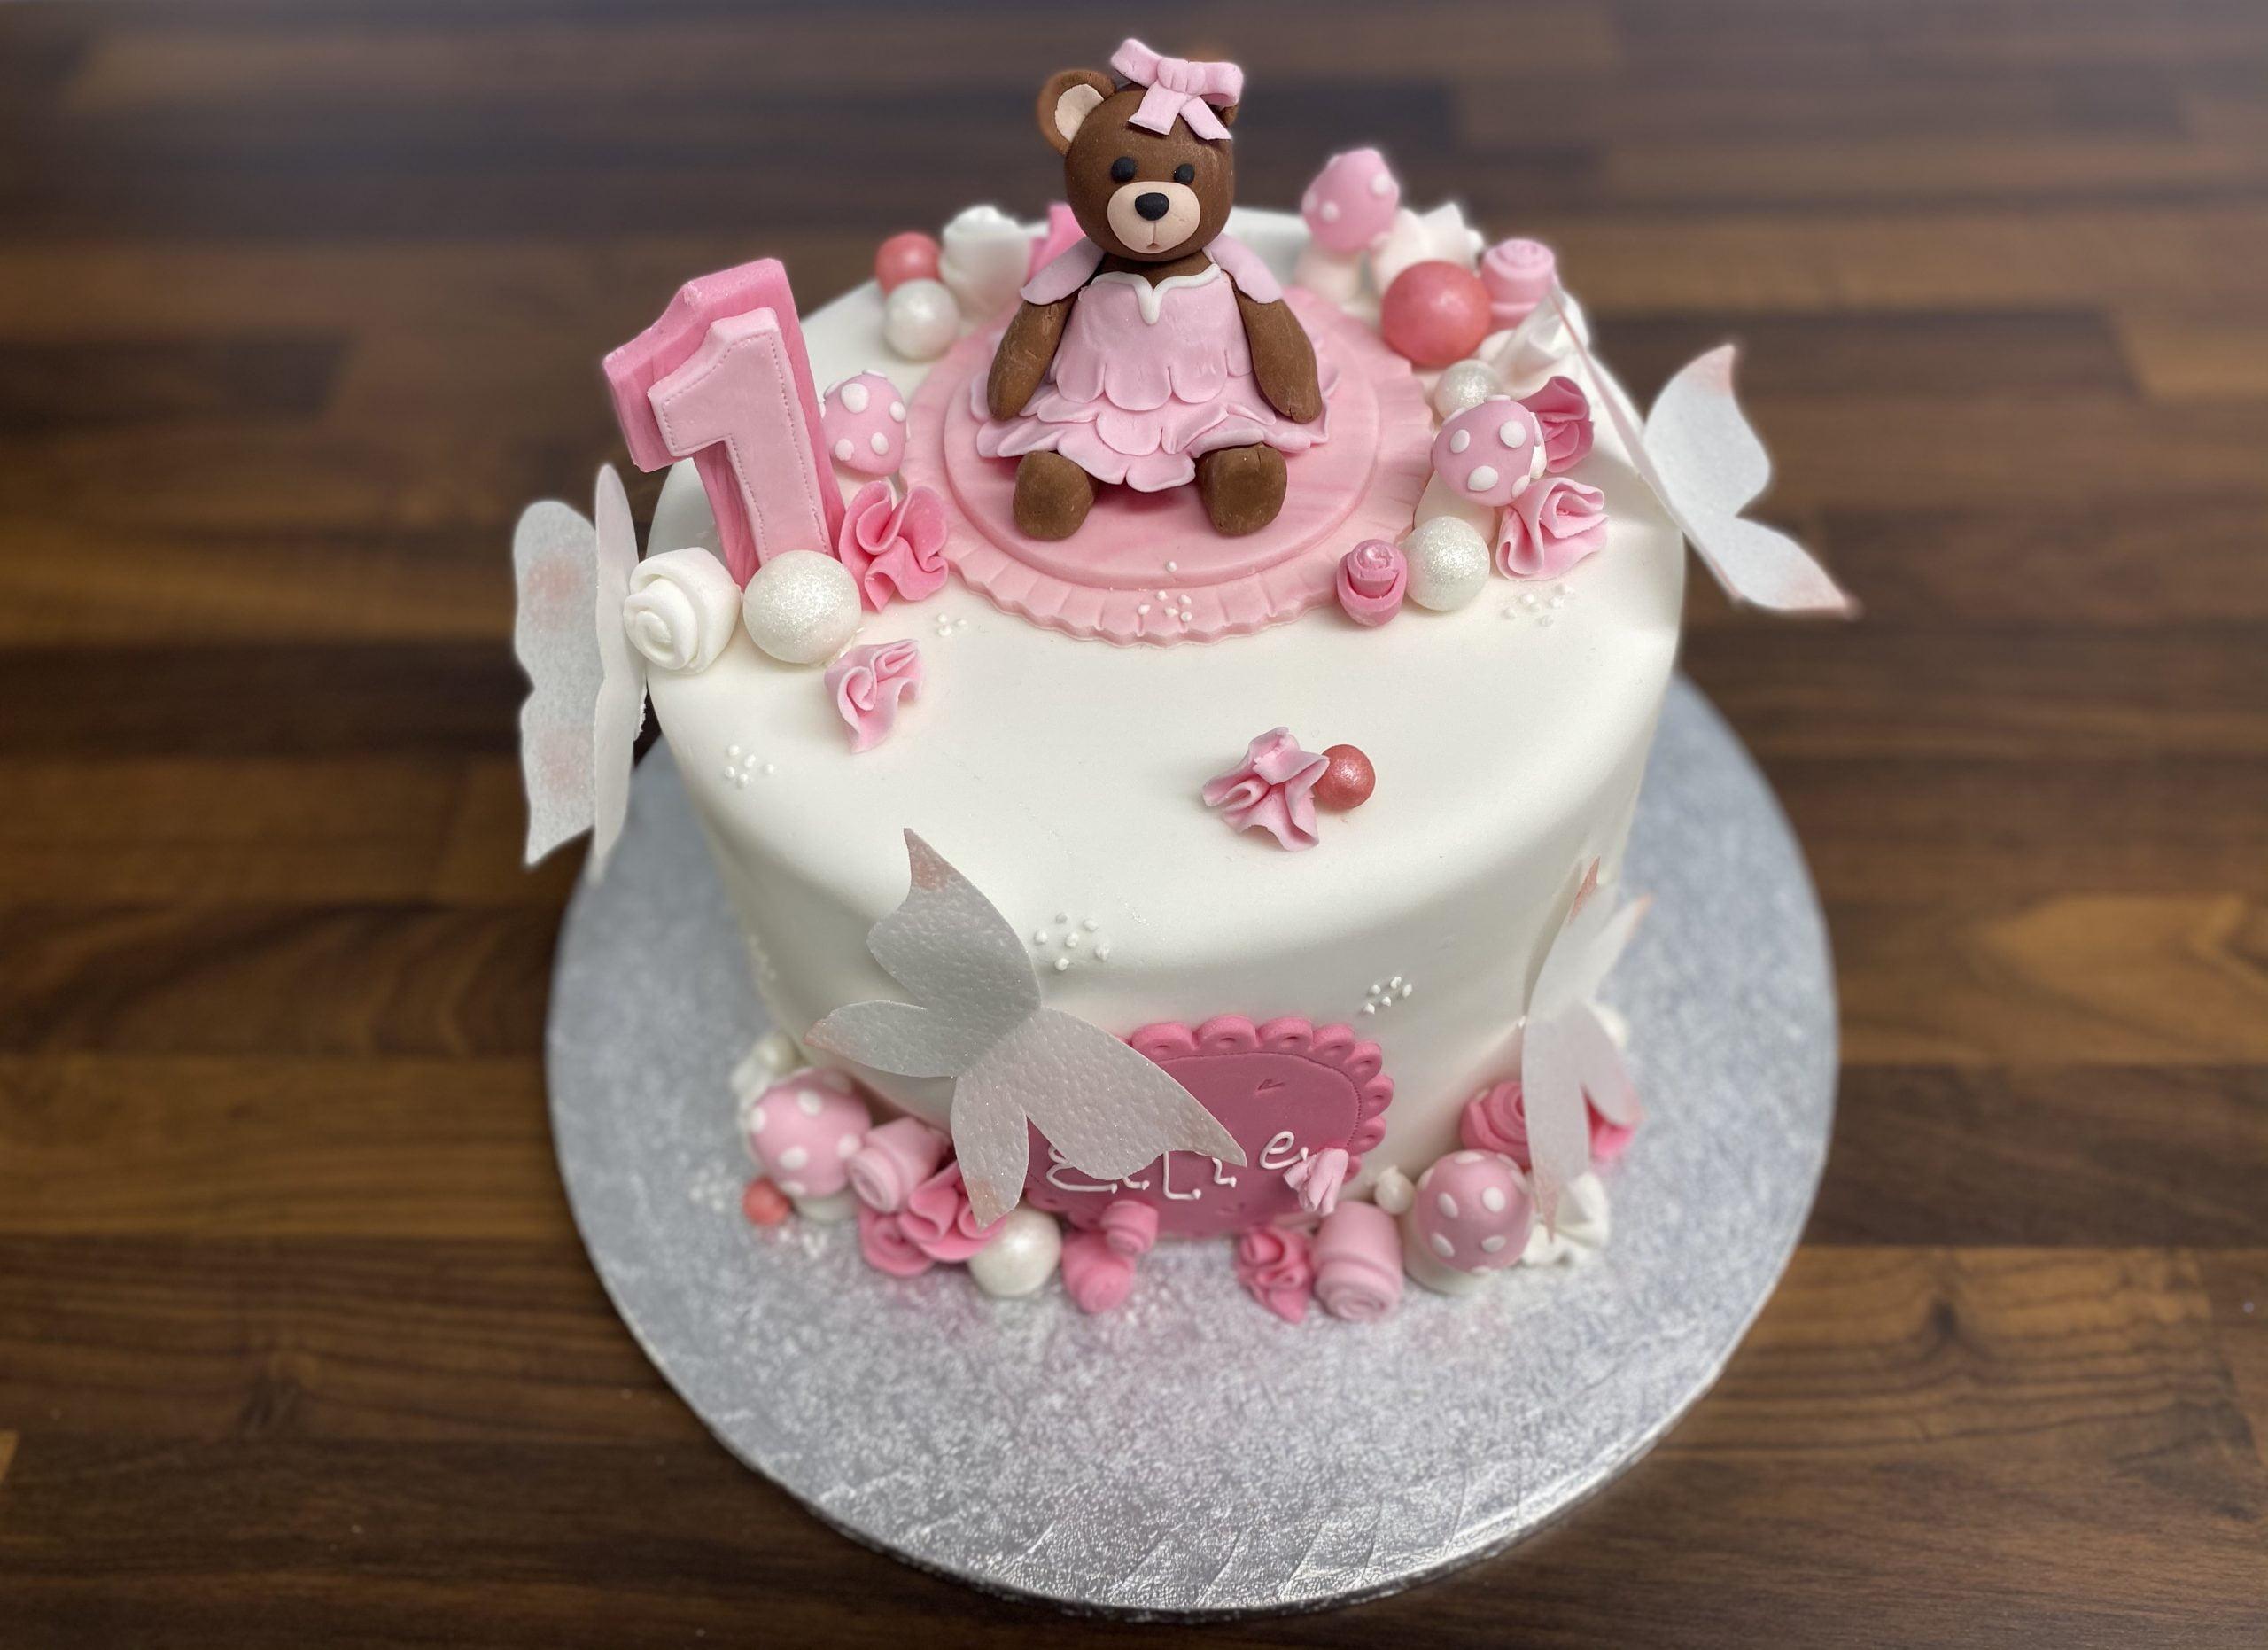 Cute teddy bear 1st Birthday Cake - Leeds Cakes